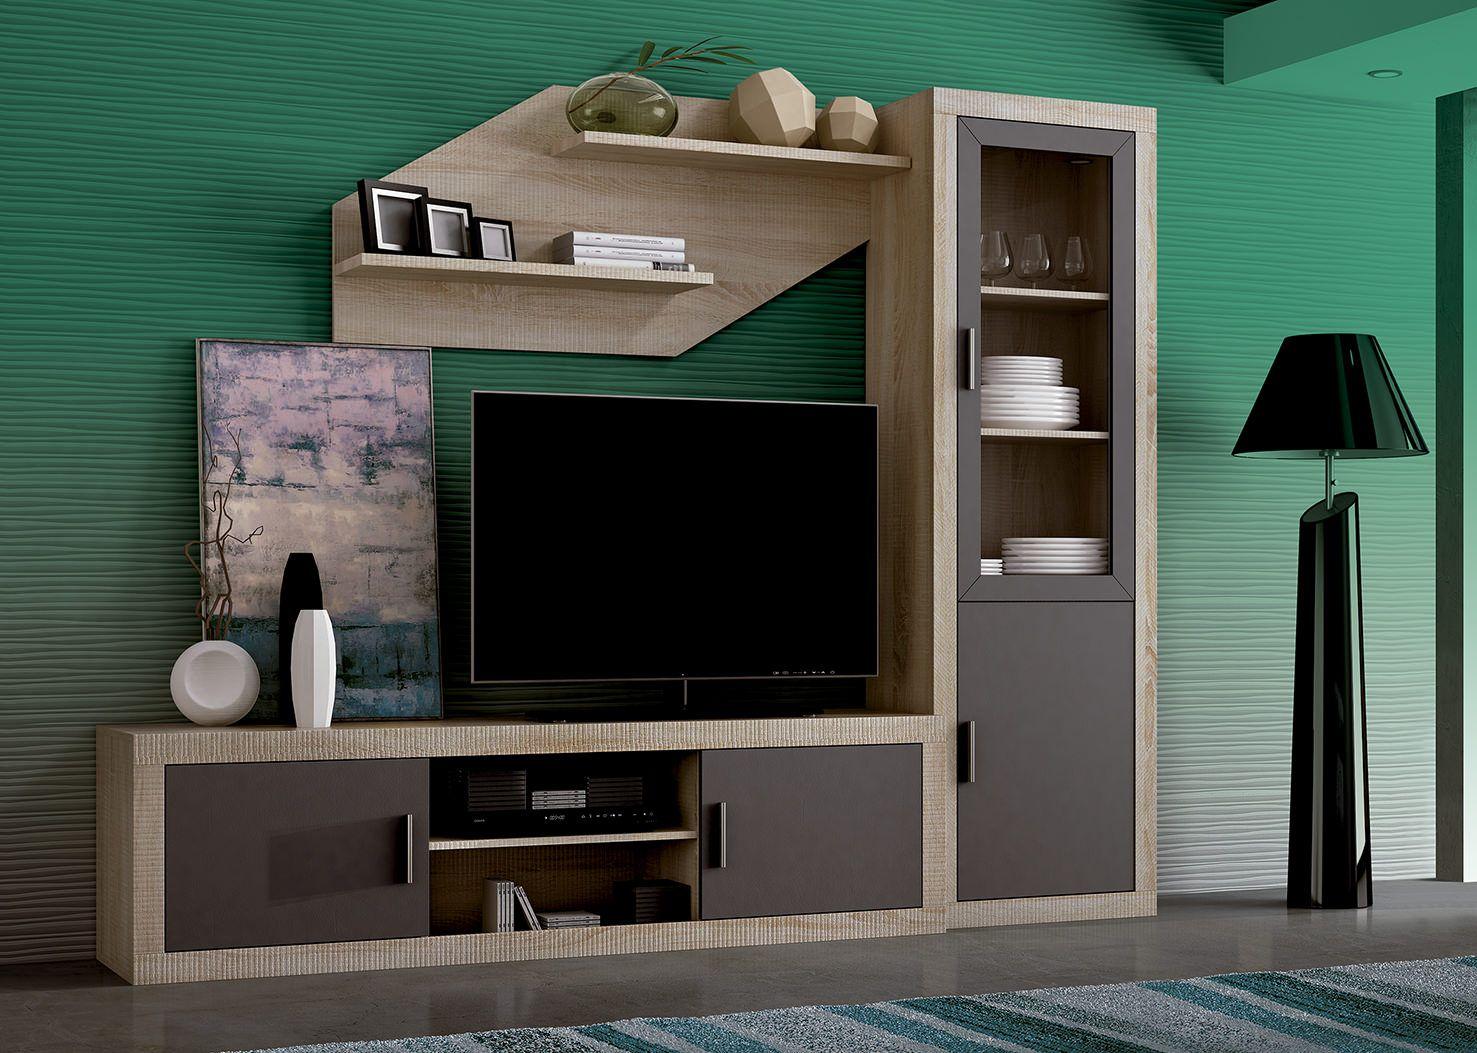 Mueble de comedor low cost laraga 05 de madera laminada - Muebles low cost ...